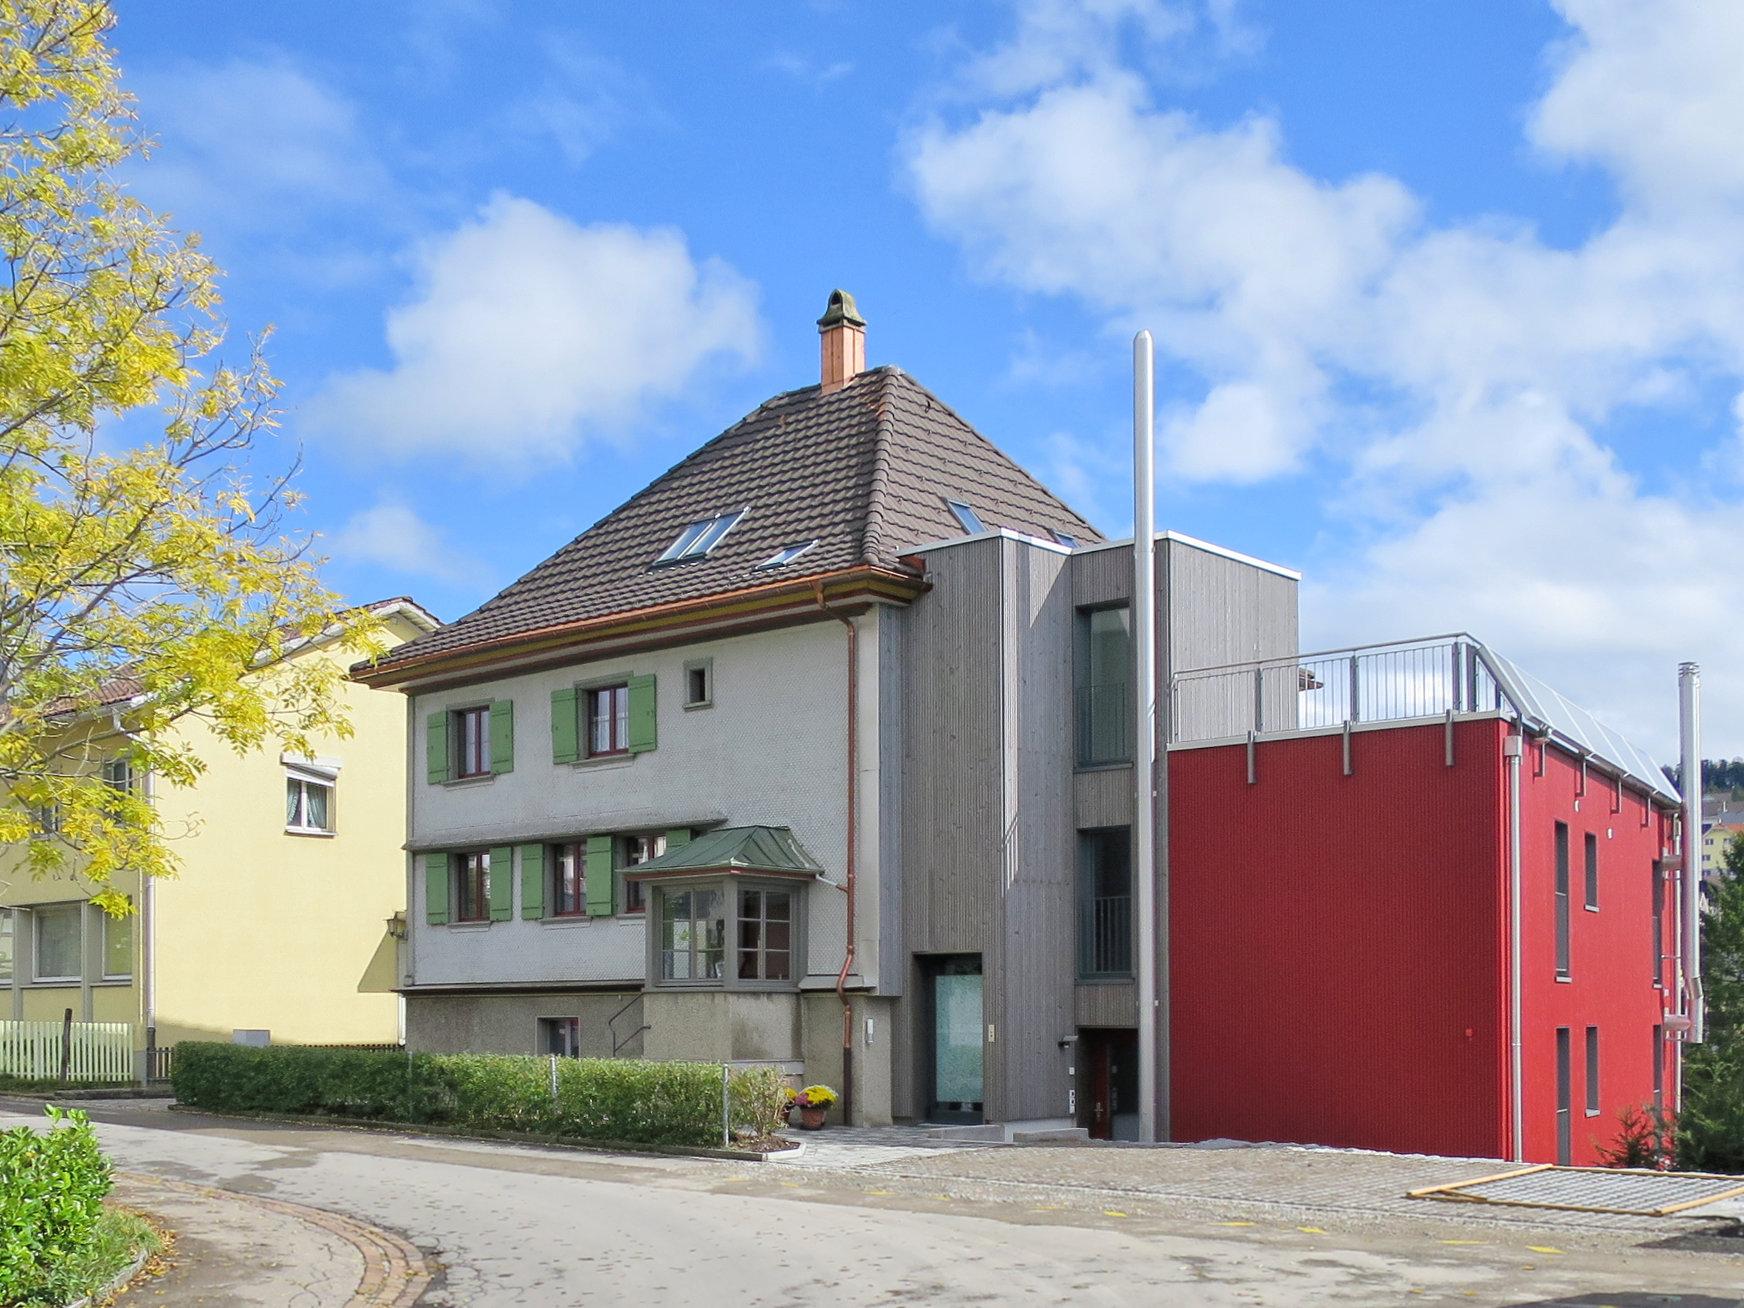 Referenz An- Und Umbau Wohnhaus